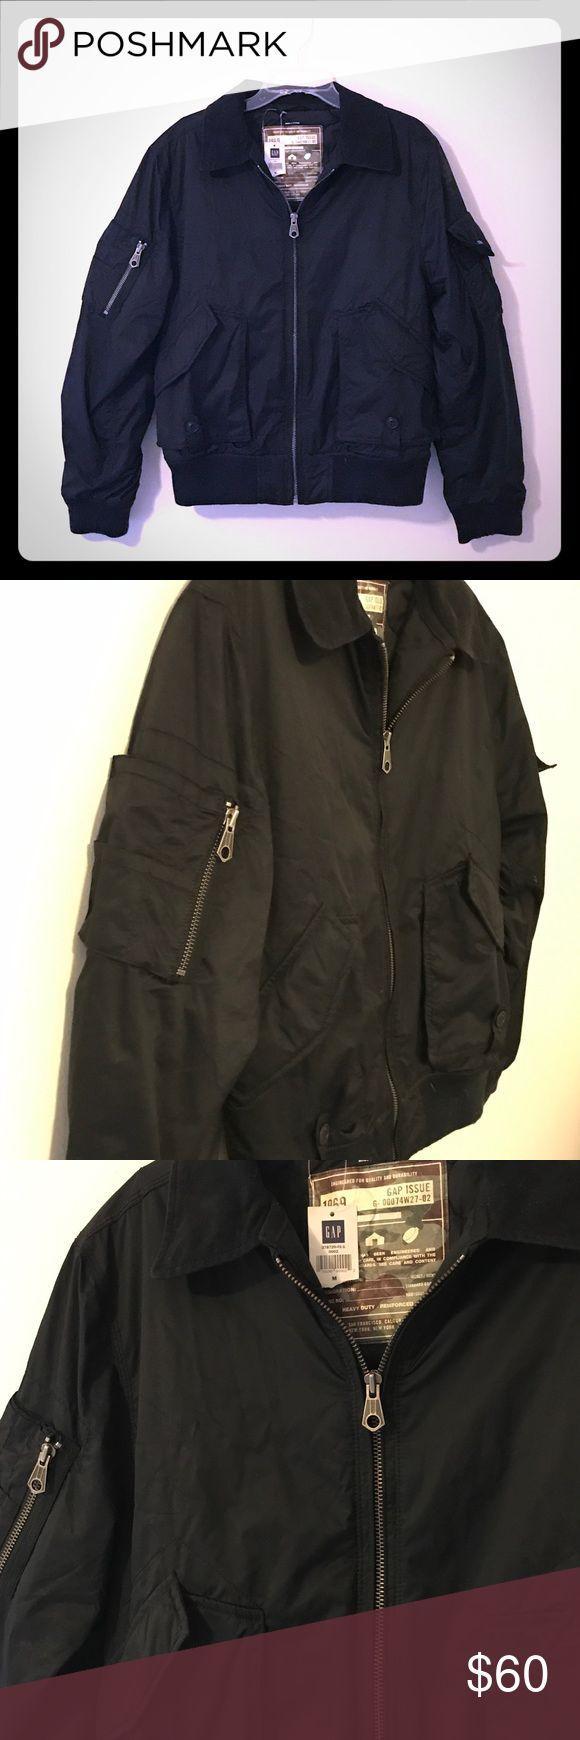 Men's Gap Jacket Size M Men's Gap Jacket Size L Never Worn NWT GAP Jackets & Coats